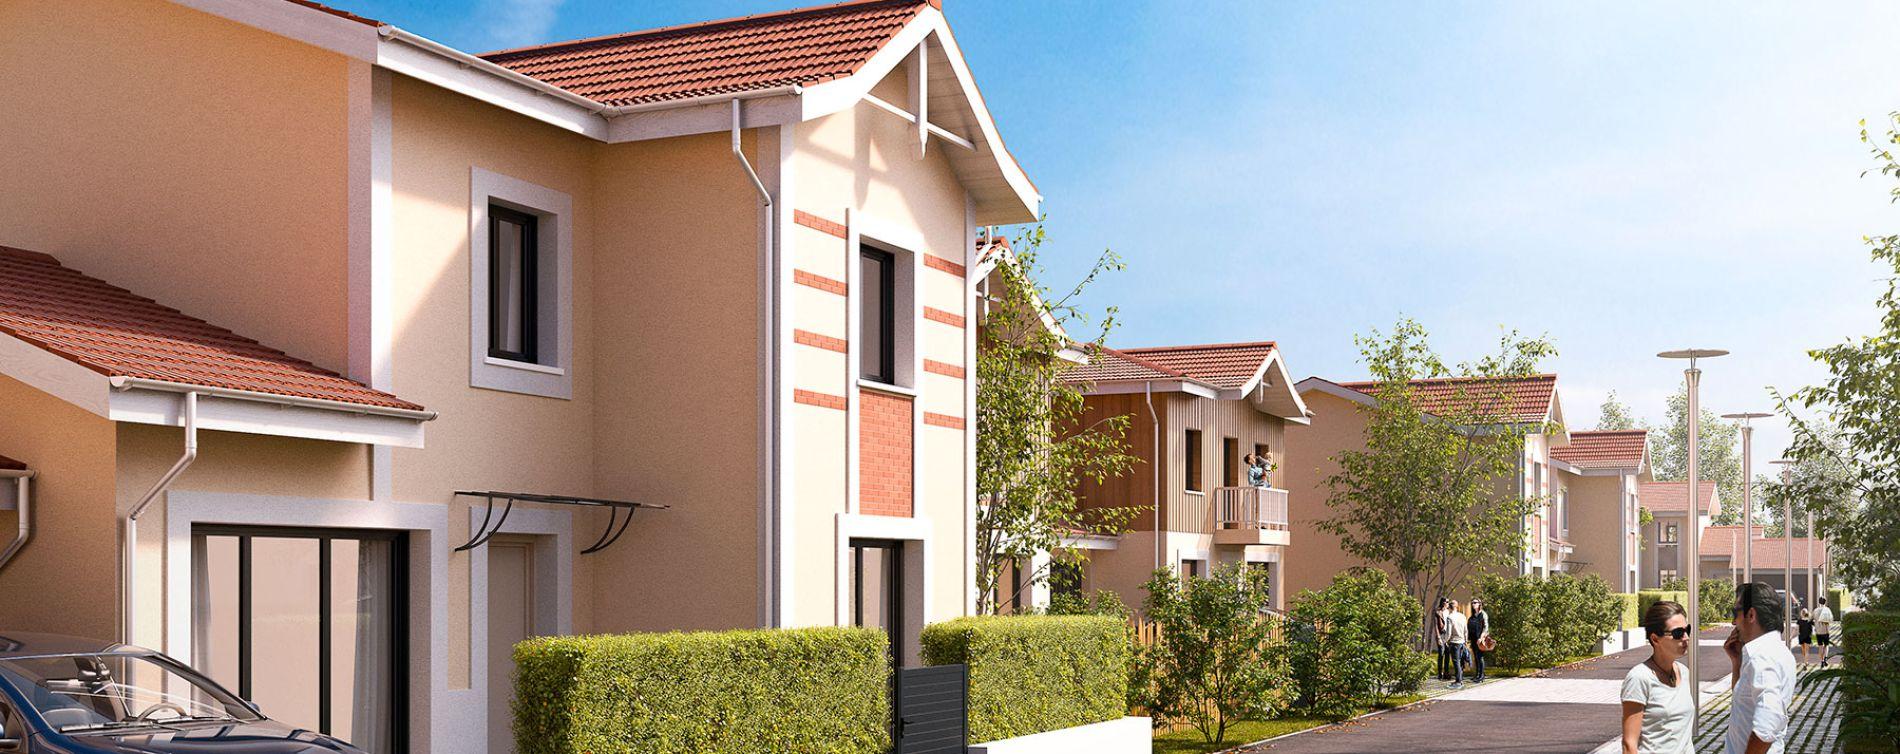 Résidence Villas Osmonde à Andernos-les-Bains